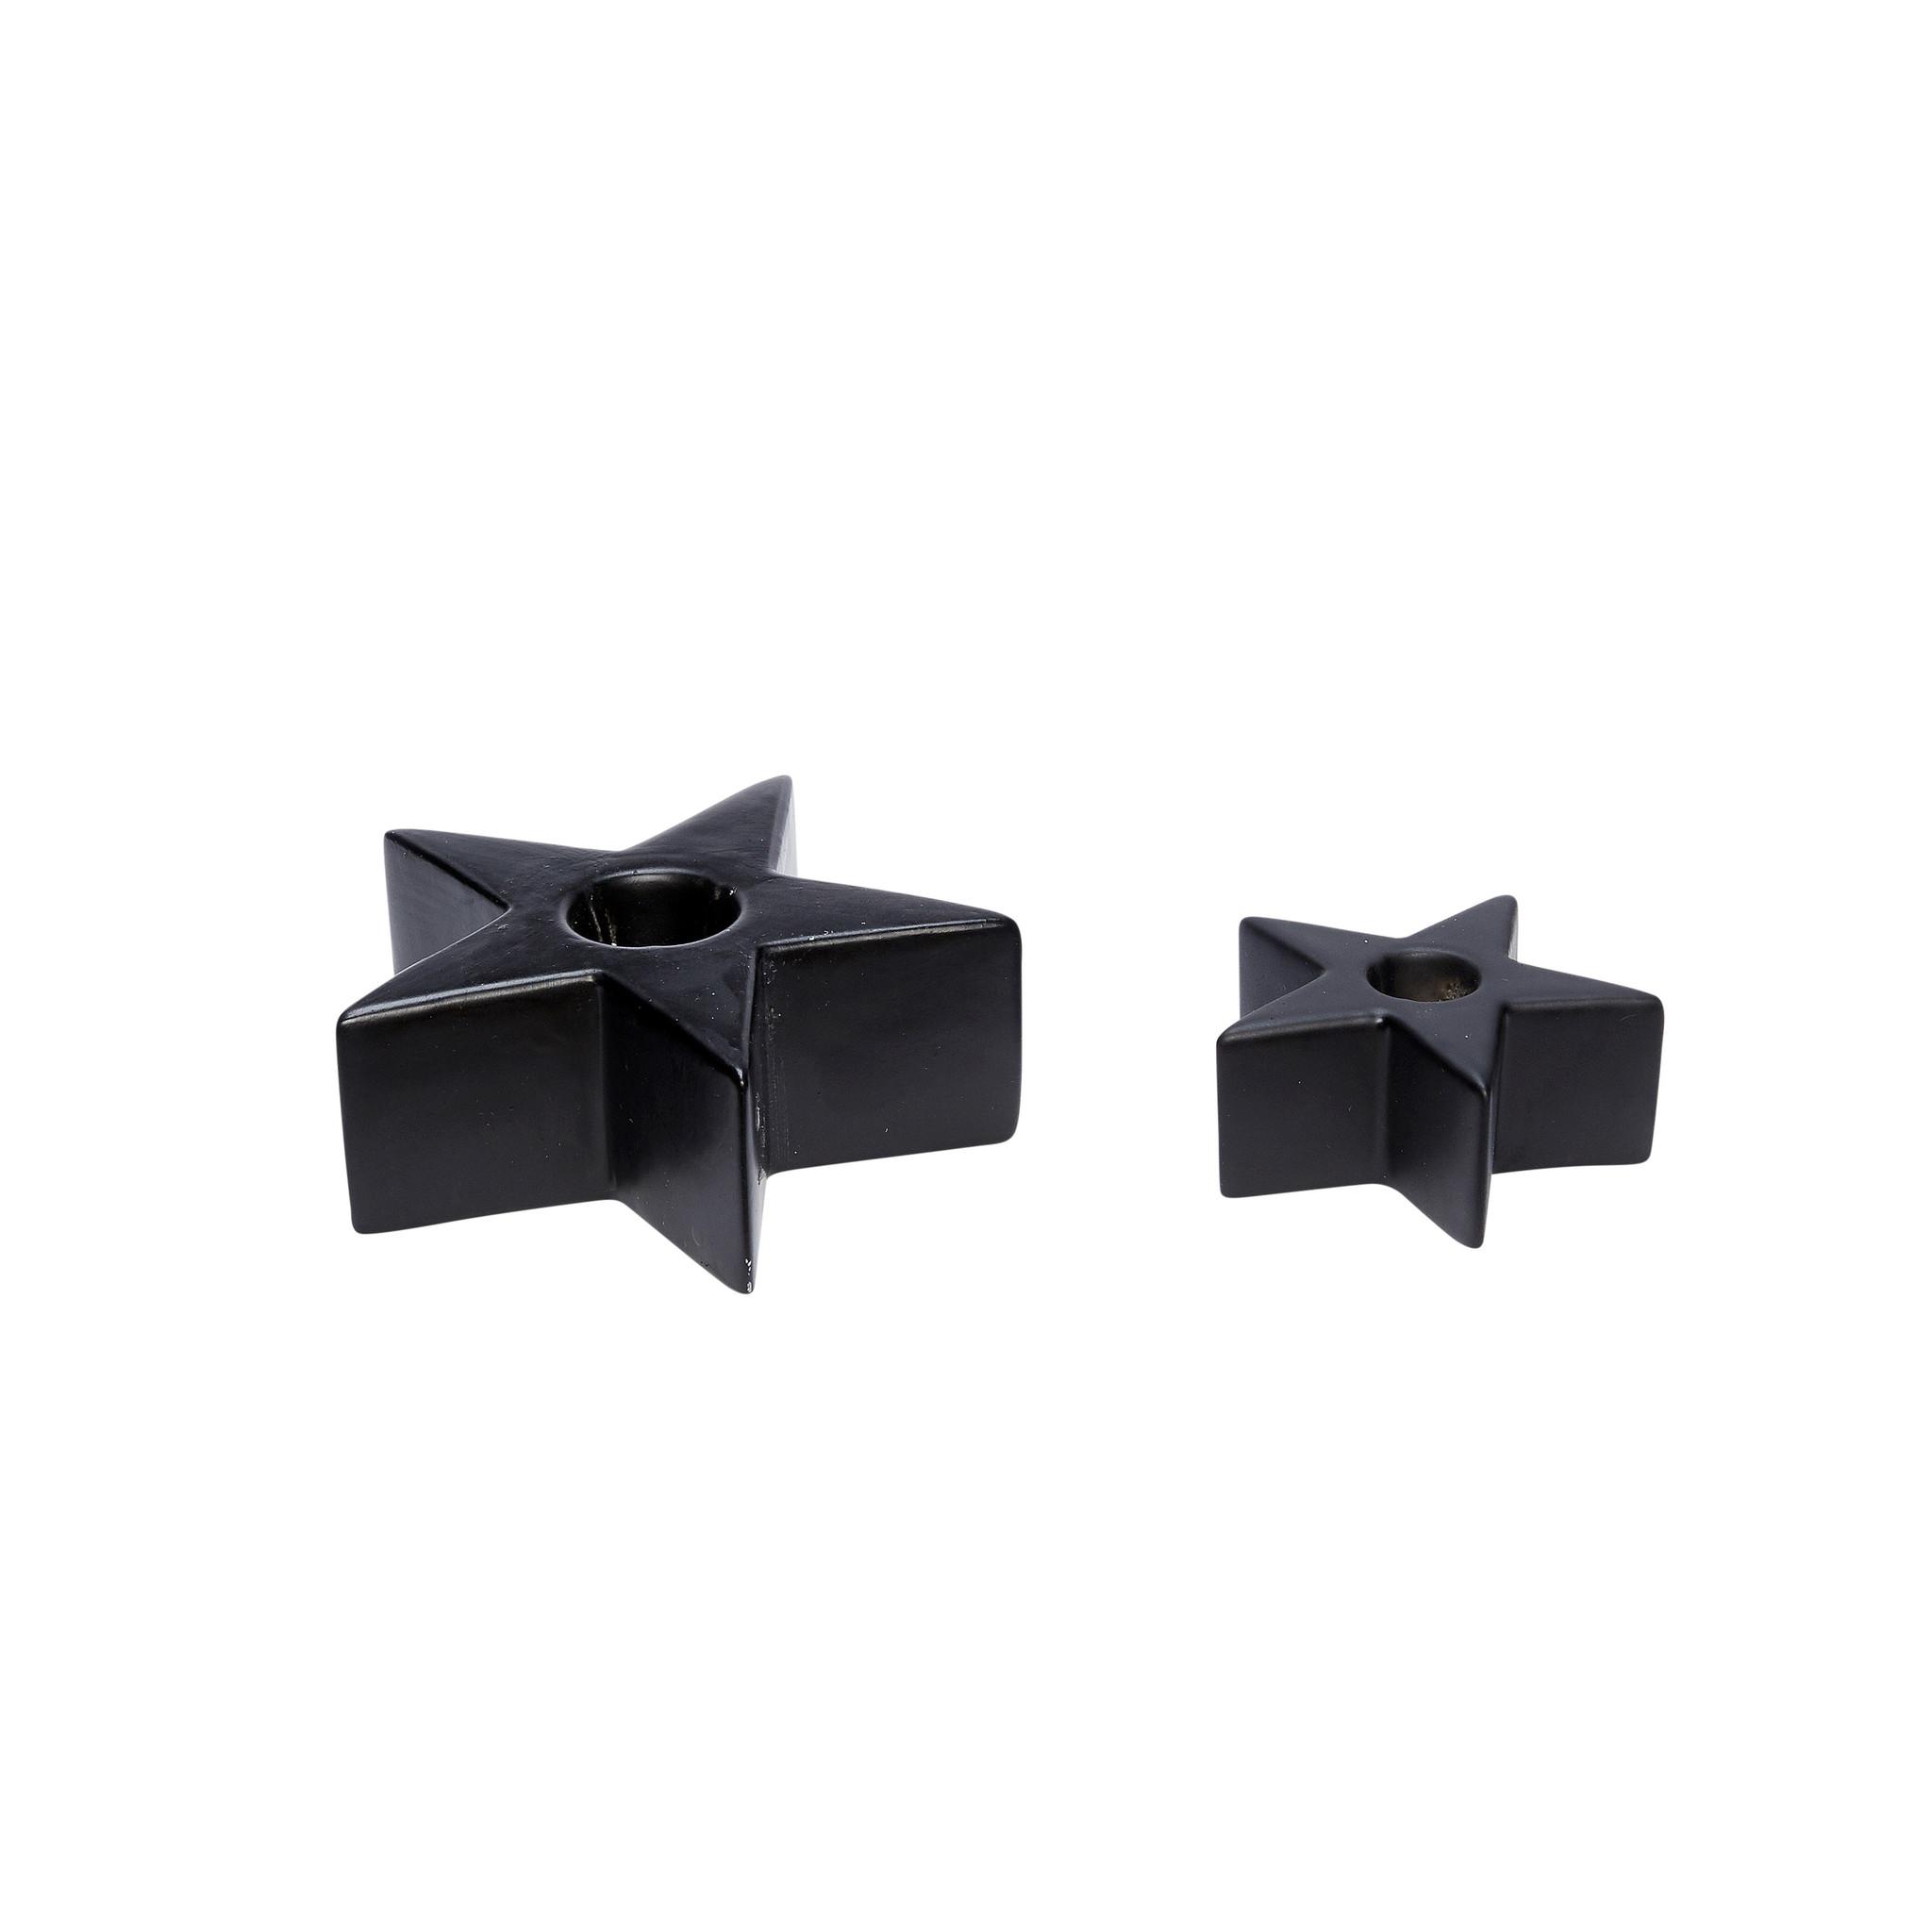 Hubsch Kandelaar, ster, porselein, zwart, set van 2-640321-5712772057117